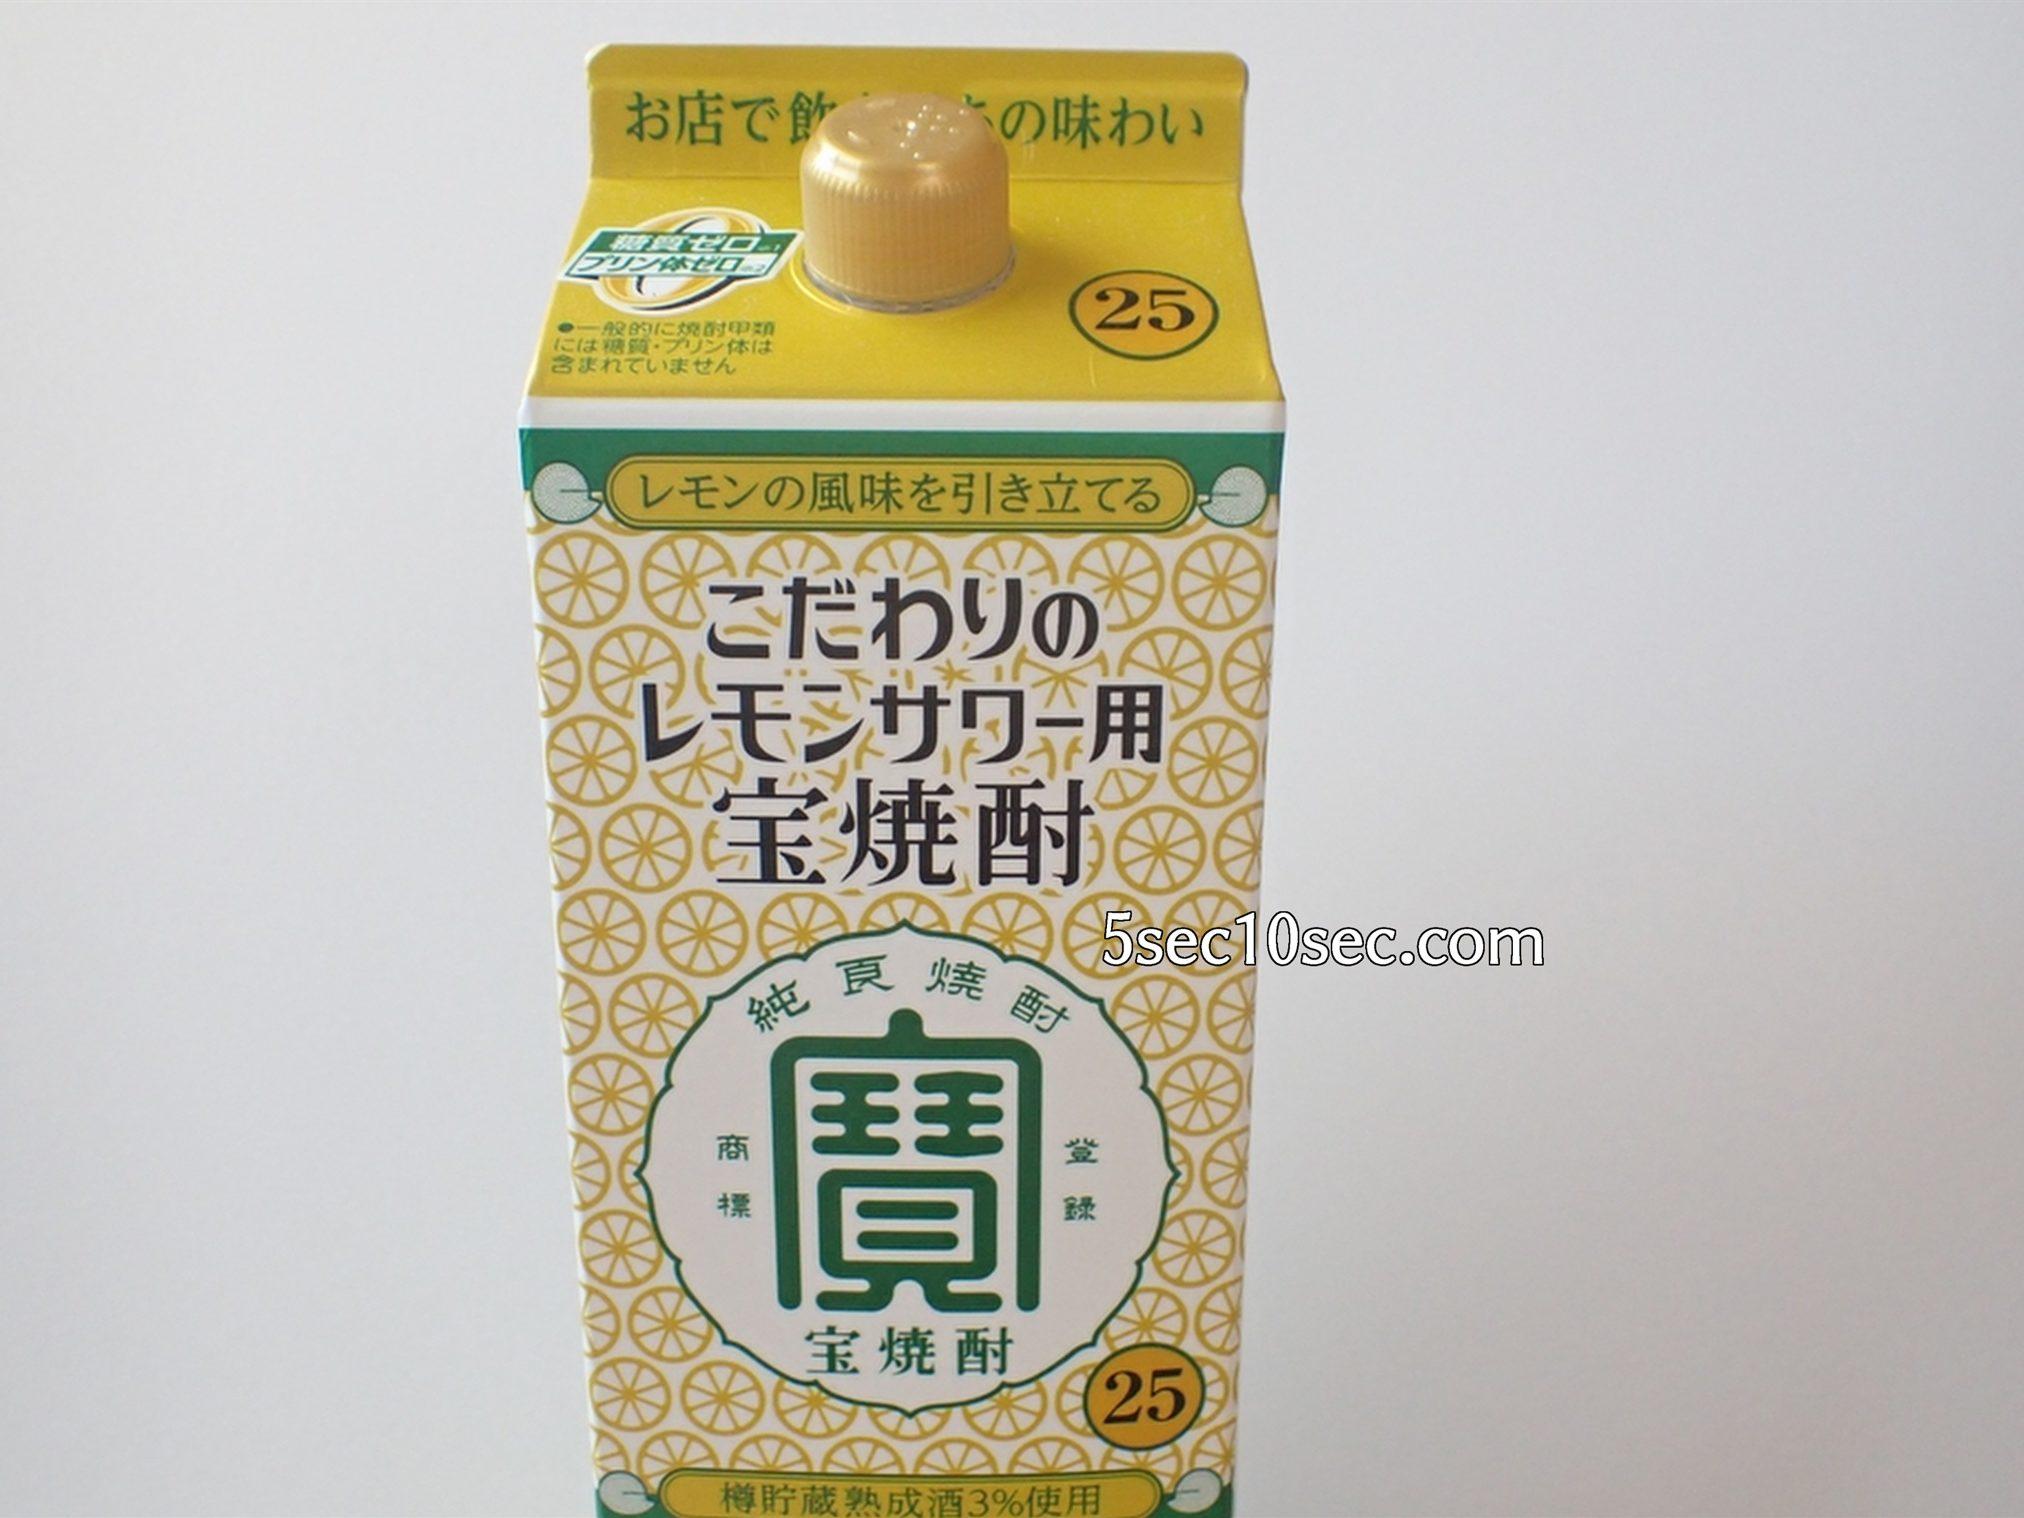 宝酒造 こだわりのレモンサワー用 宝焼酎 樽貯蔵熟成酒3%使用の甲類焼酎です